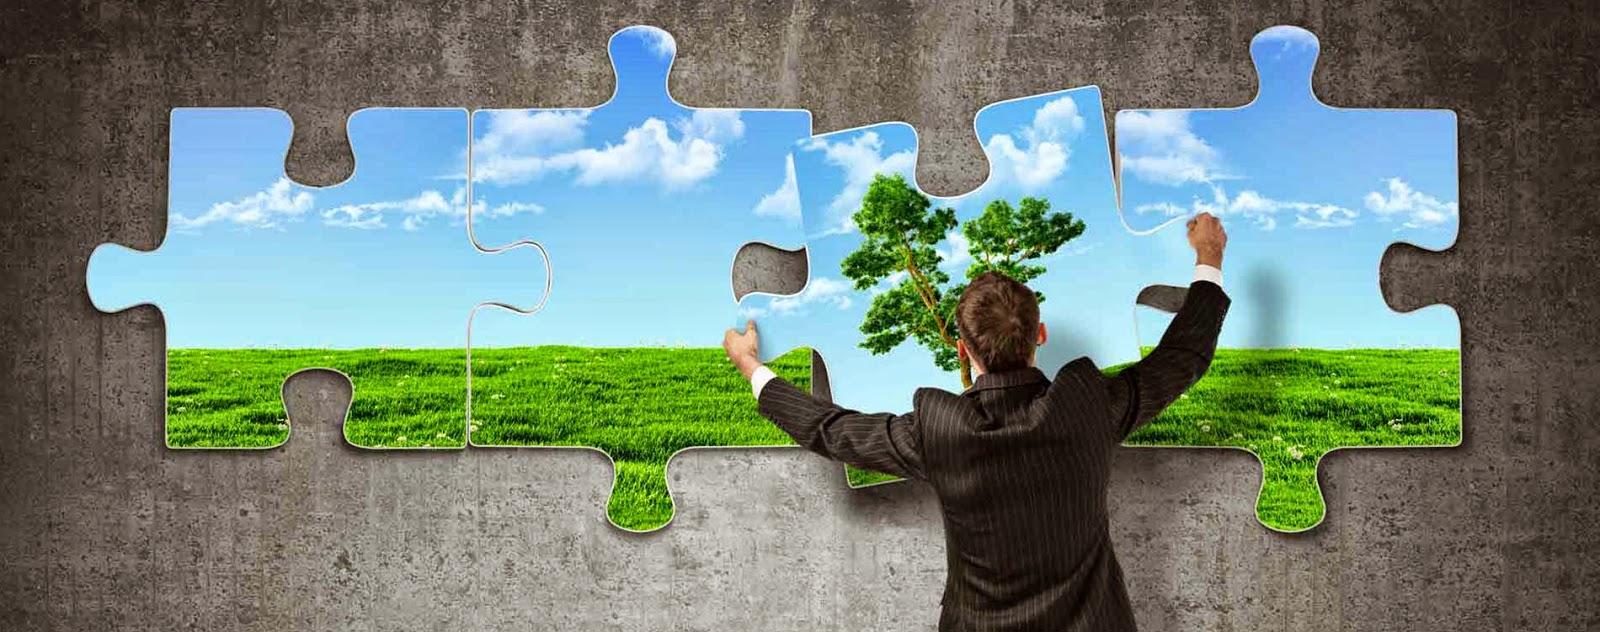 ¿Deben las empresas plantearse su concepto de responsabilidad social corporativa?